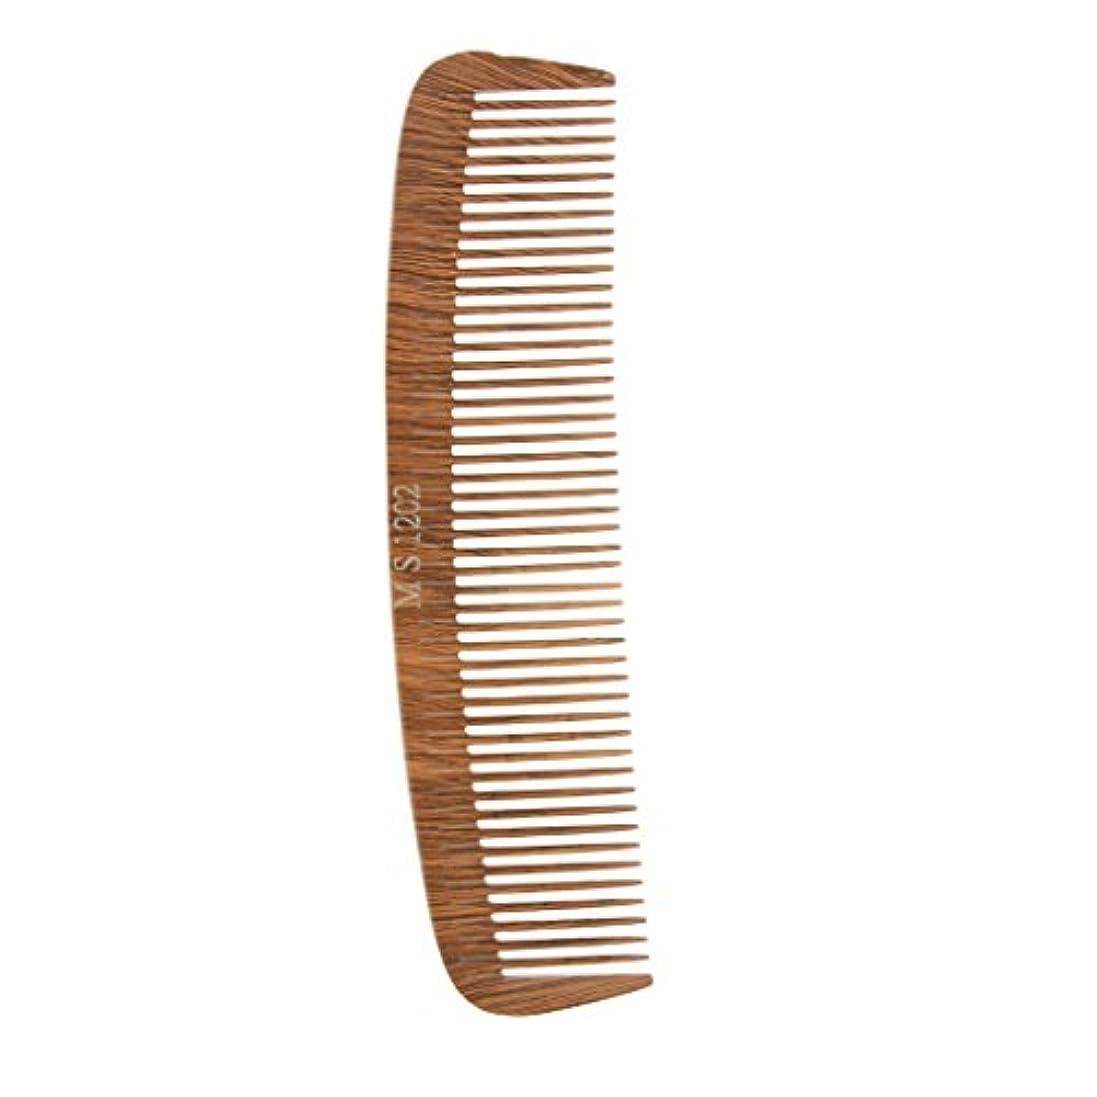 ラフ専ら高架Baosity ヘアカットコーム コーム 木製櫛 帯電防止 4タイプ選べる - 1202